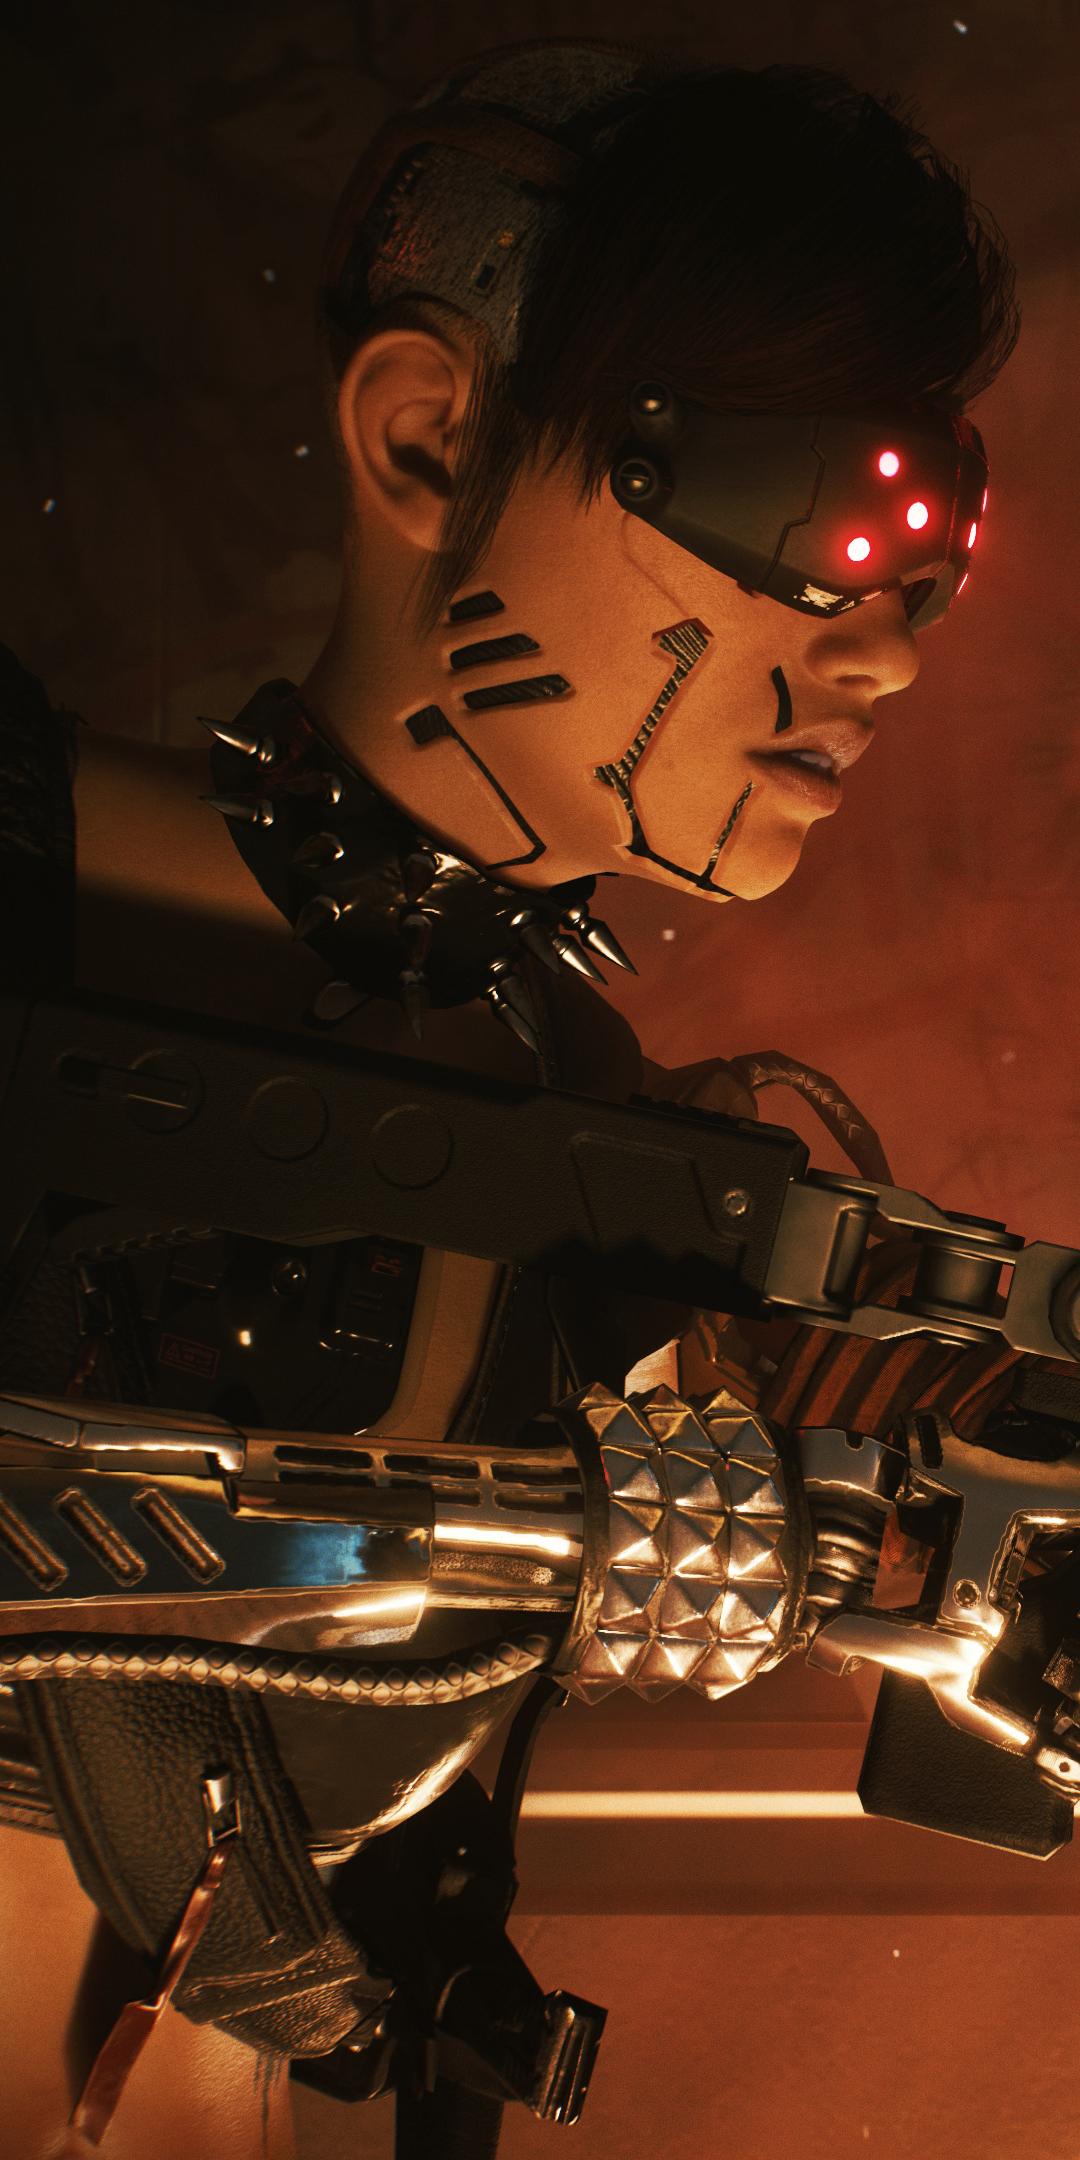 1080x2160 4K Cyberpunk 2077 New One Plus 5T,Honor 7x,Honor ...